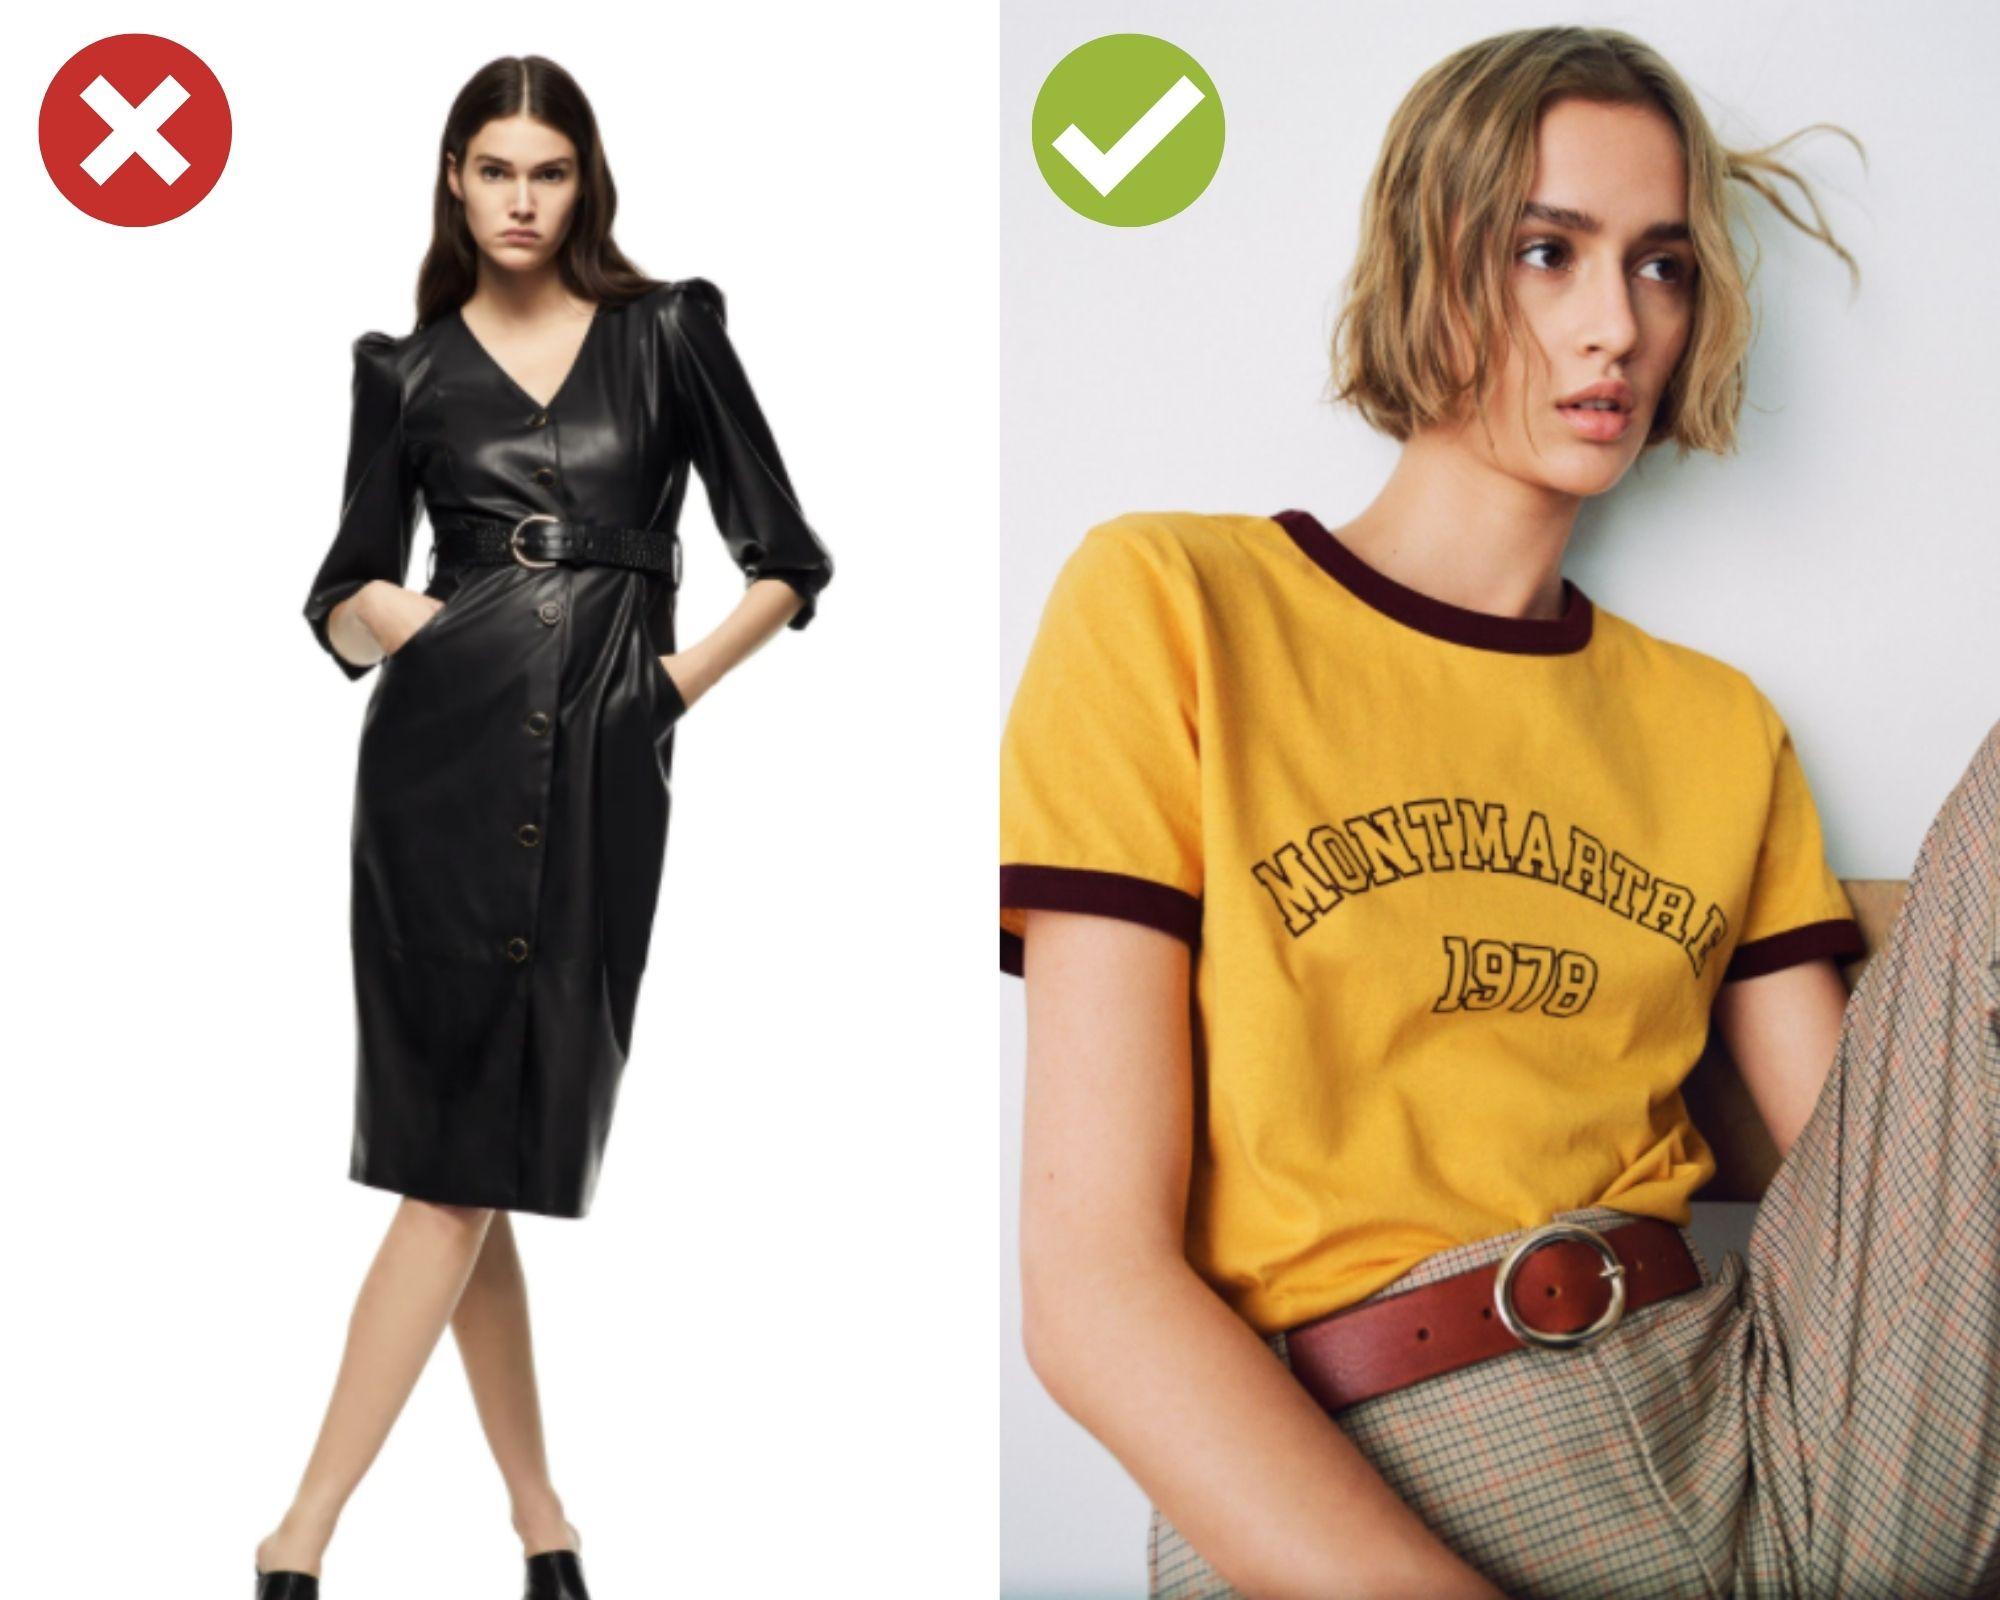 Những items các BTV sẽ mua và không mua ở Zara, chị em xem mà rút kinh nghiệm shopping đồ diện Tết - Ảnh 4.